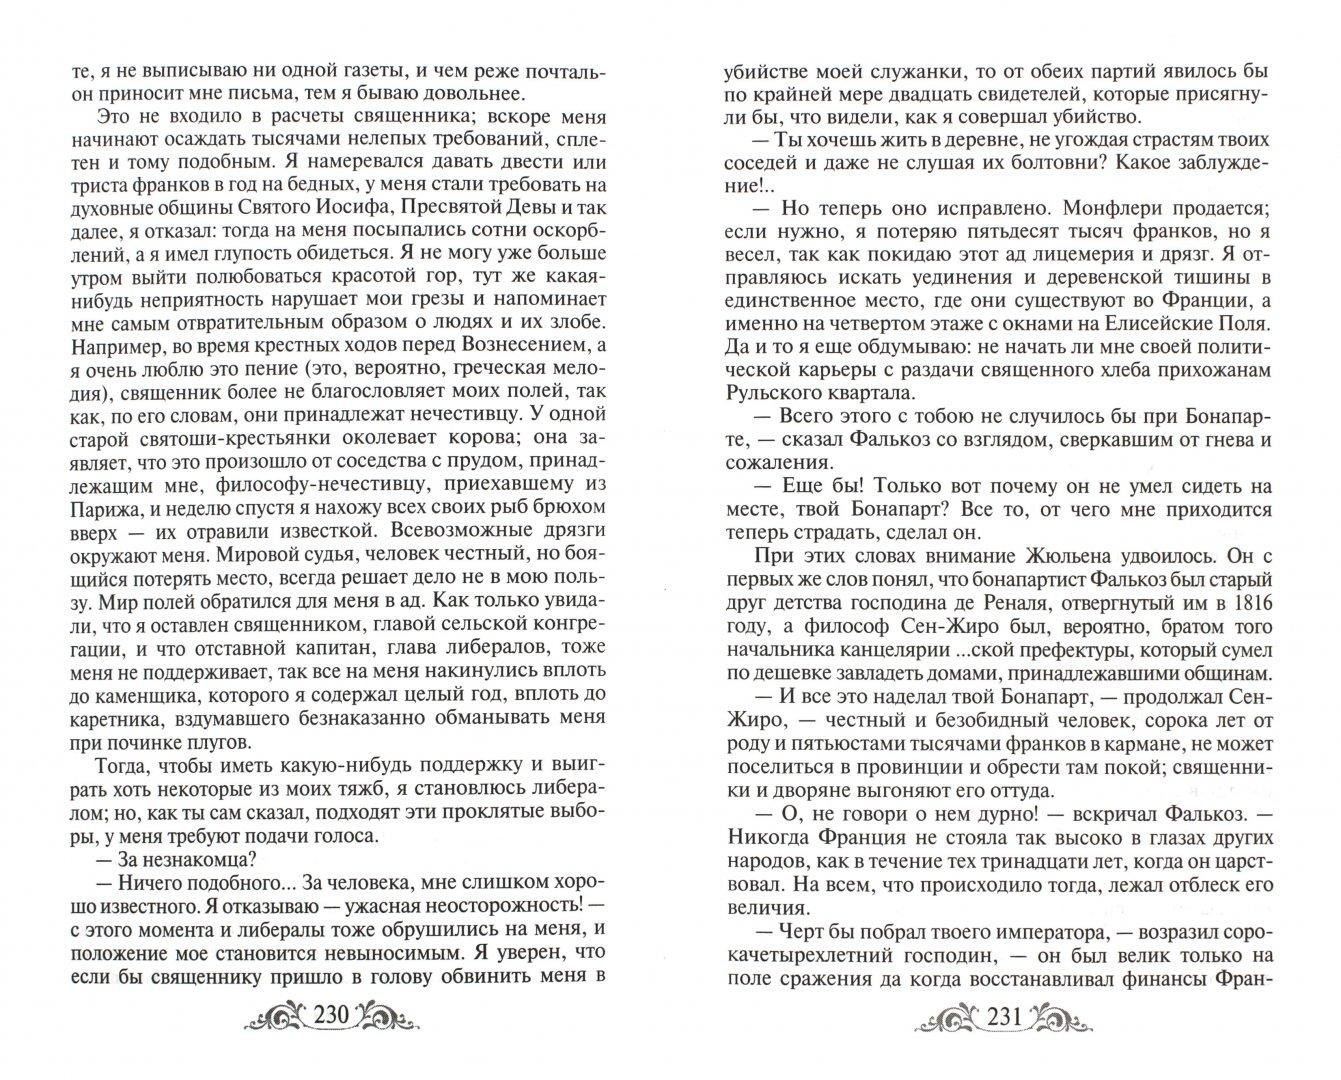 Иллюстрация 1 из 13 для Красное и чёрное - Стендаль | Лабиринт - книги. Источник: Лабиринт